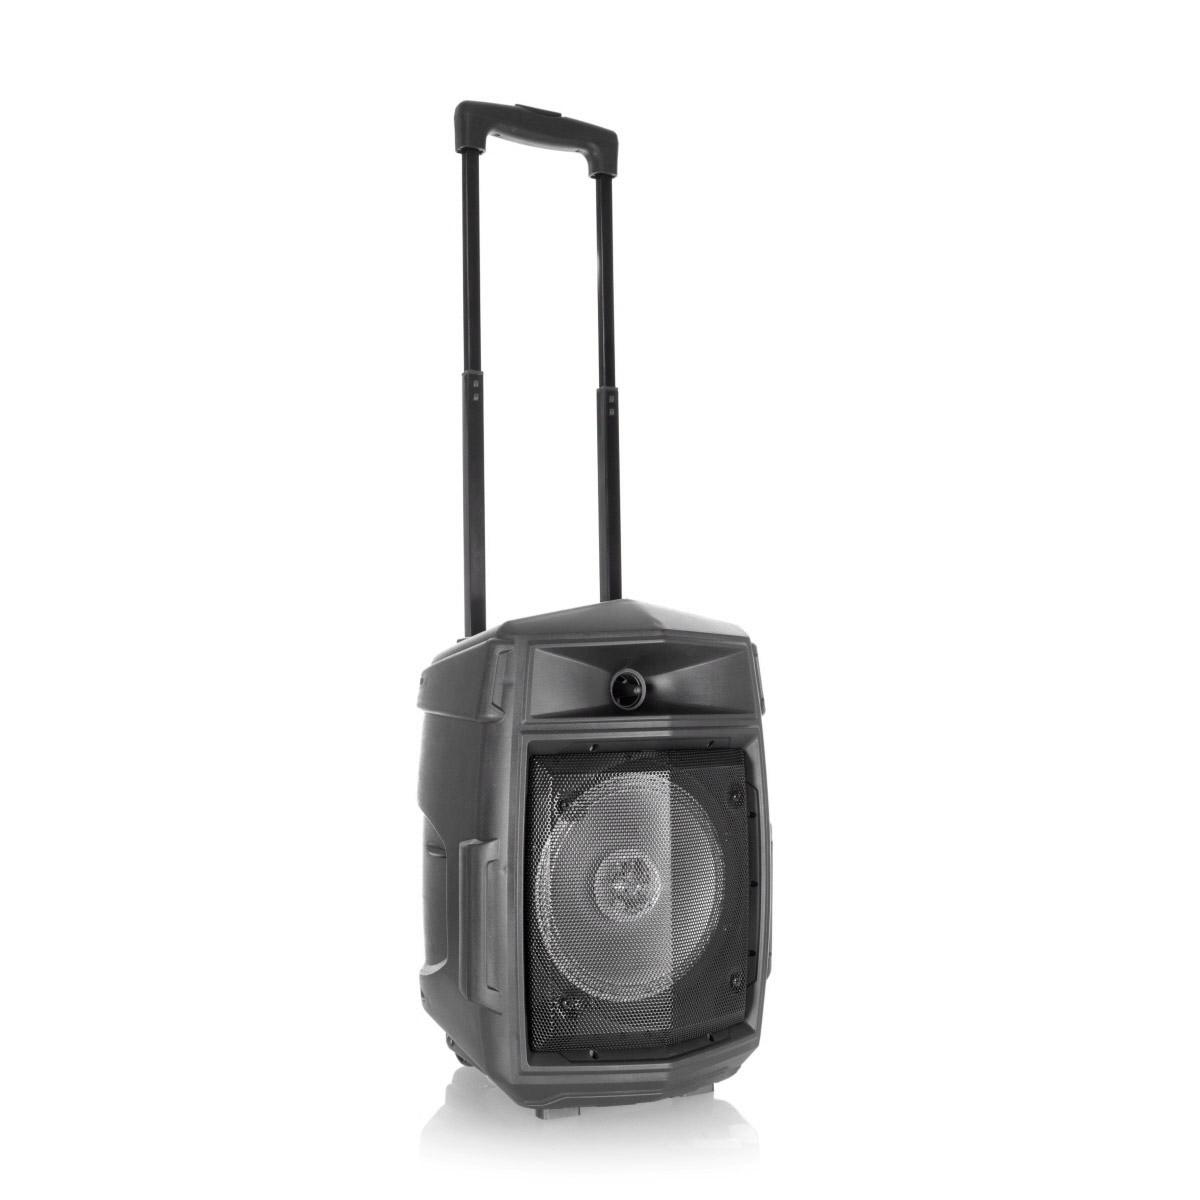 Traveler 8 VHF